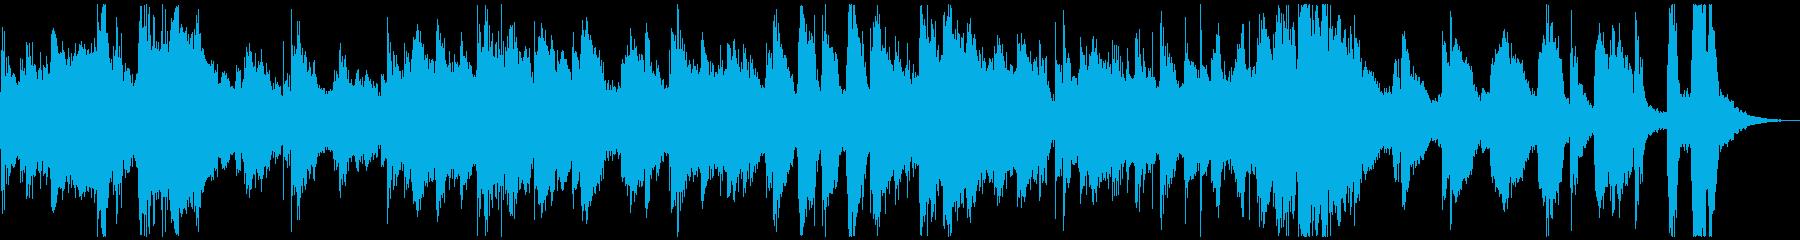 ビッグバンド風のジングル_CMなどにの再生済みの波形